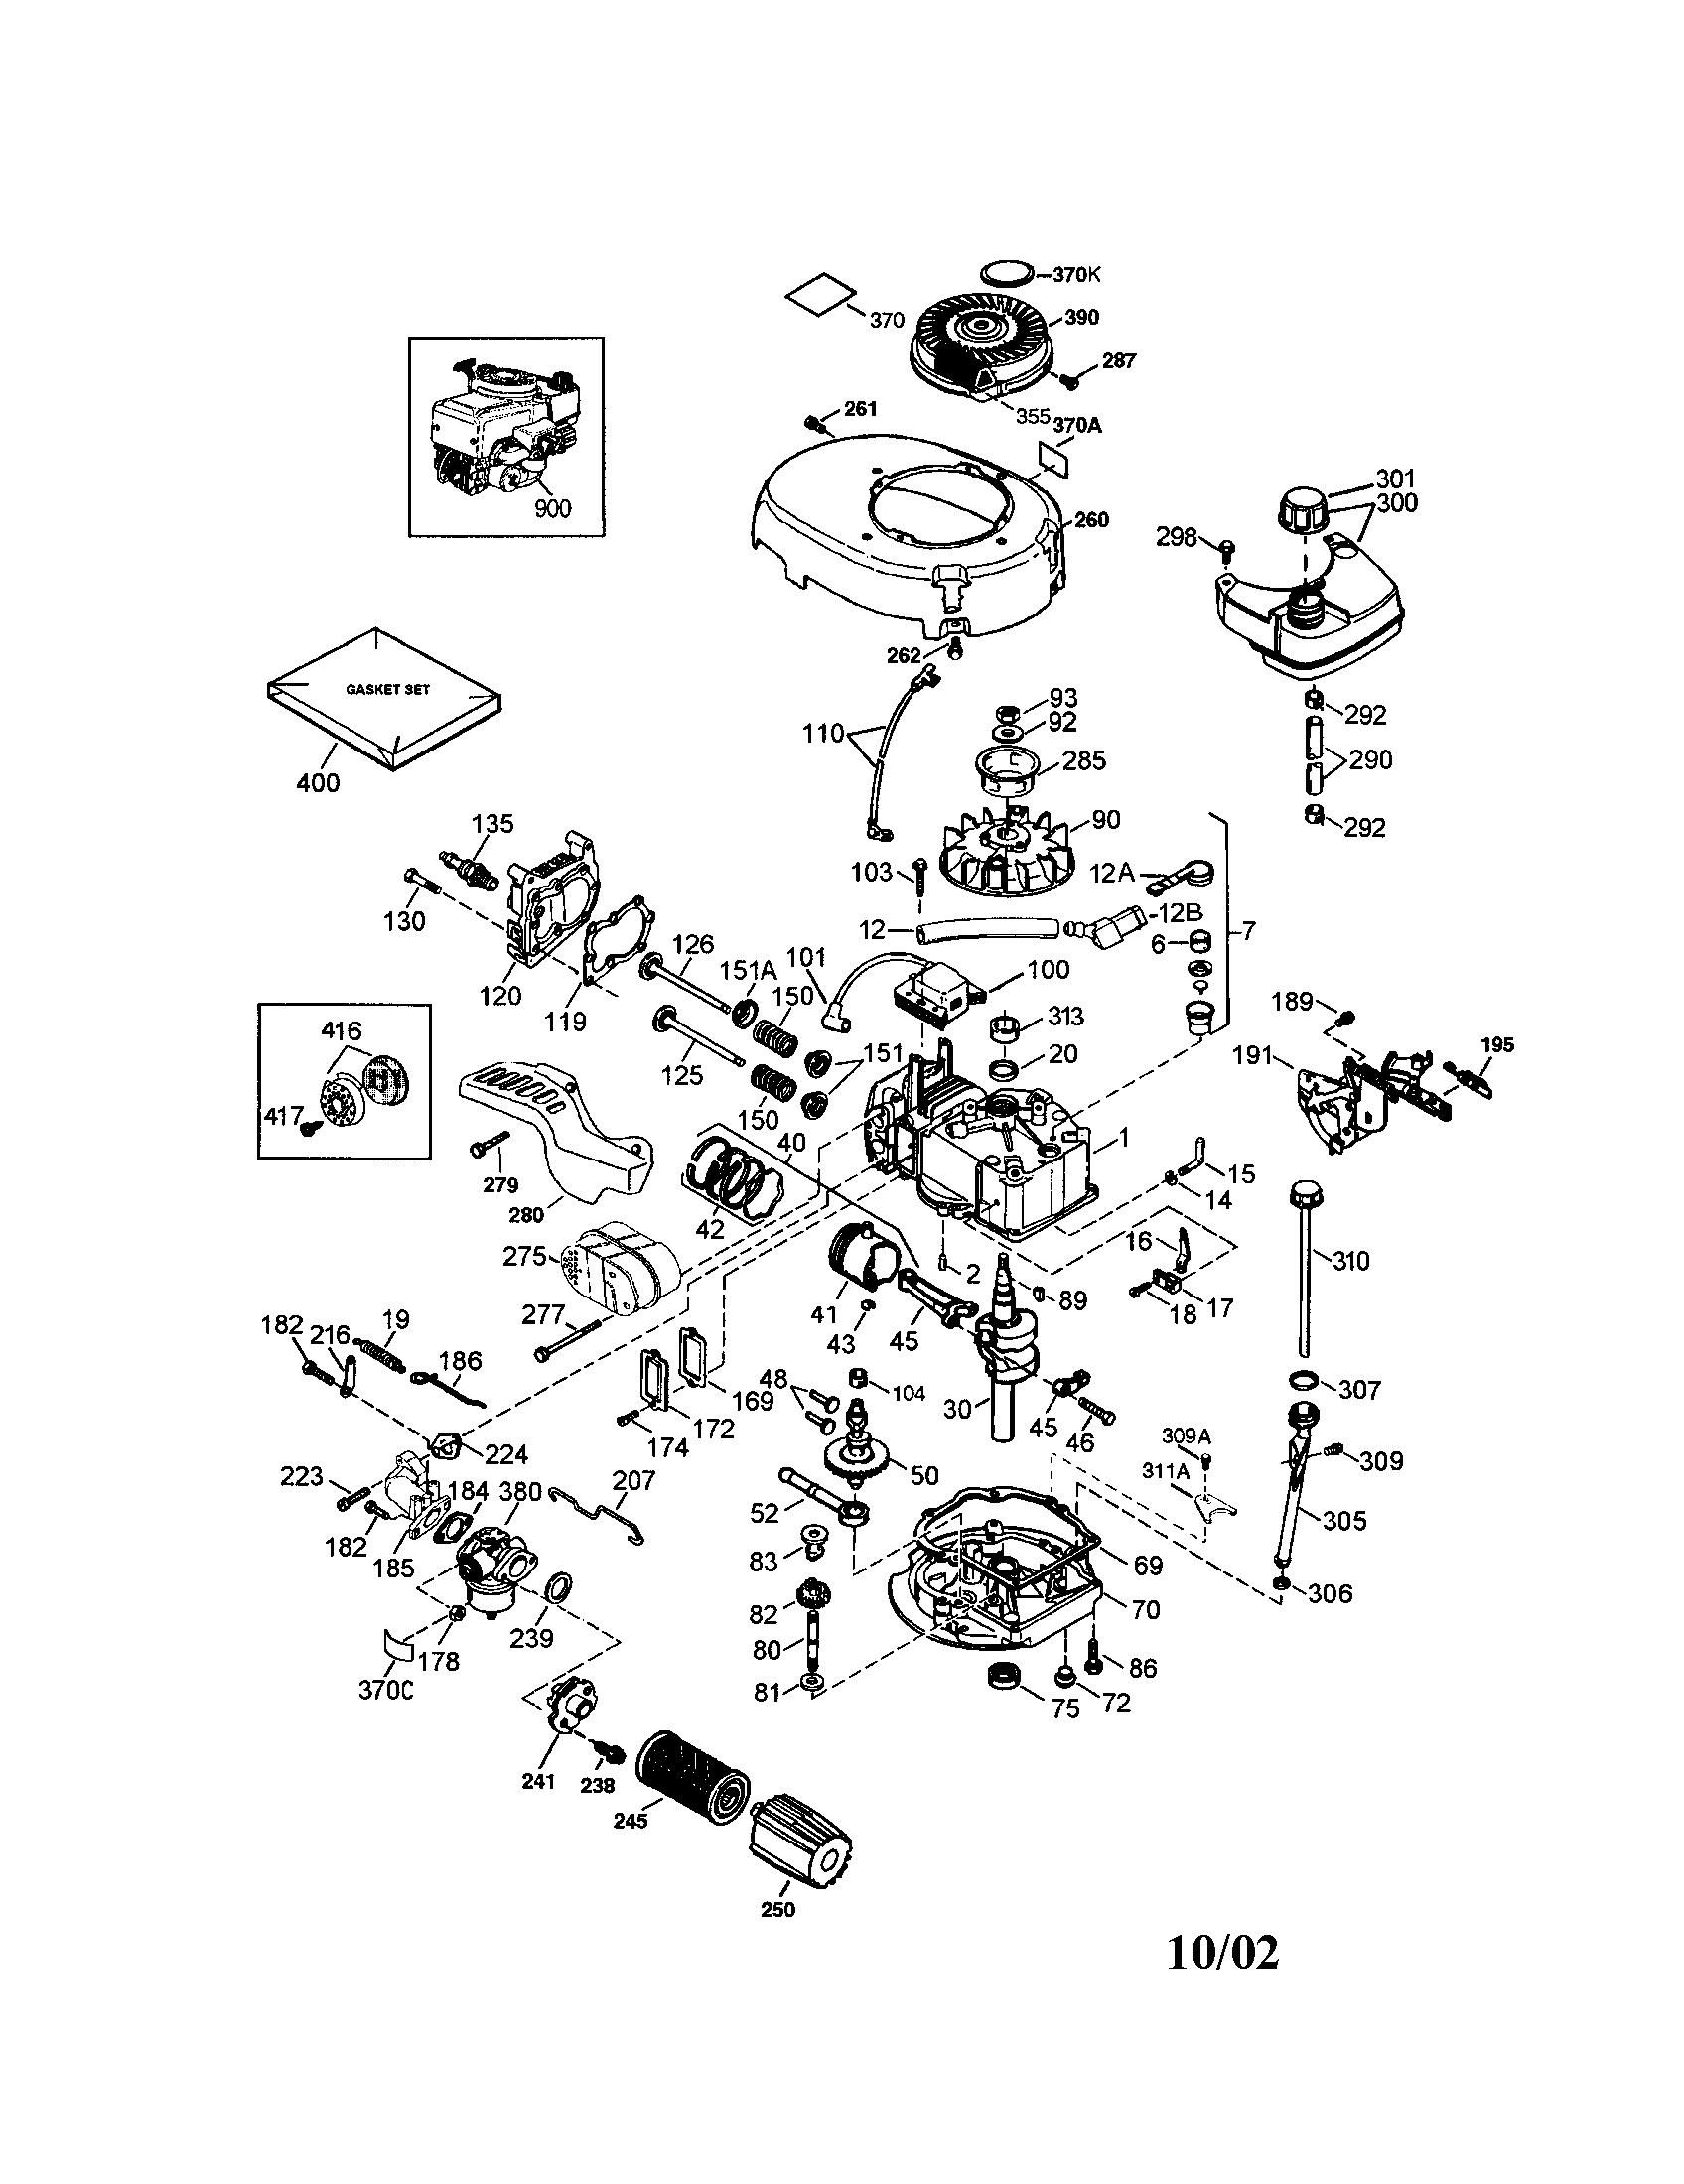 Motor Parts: Tecumseh Motor Parts